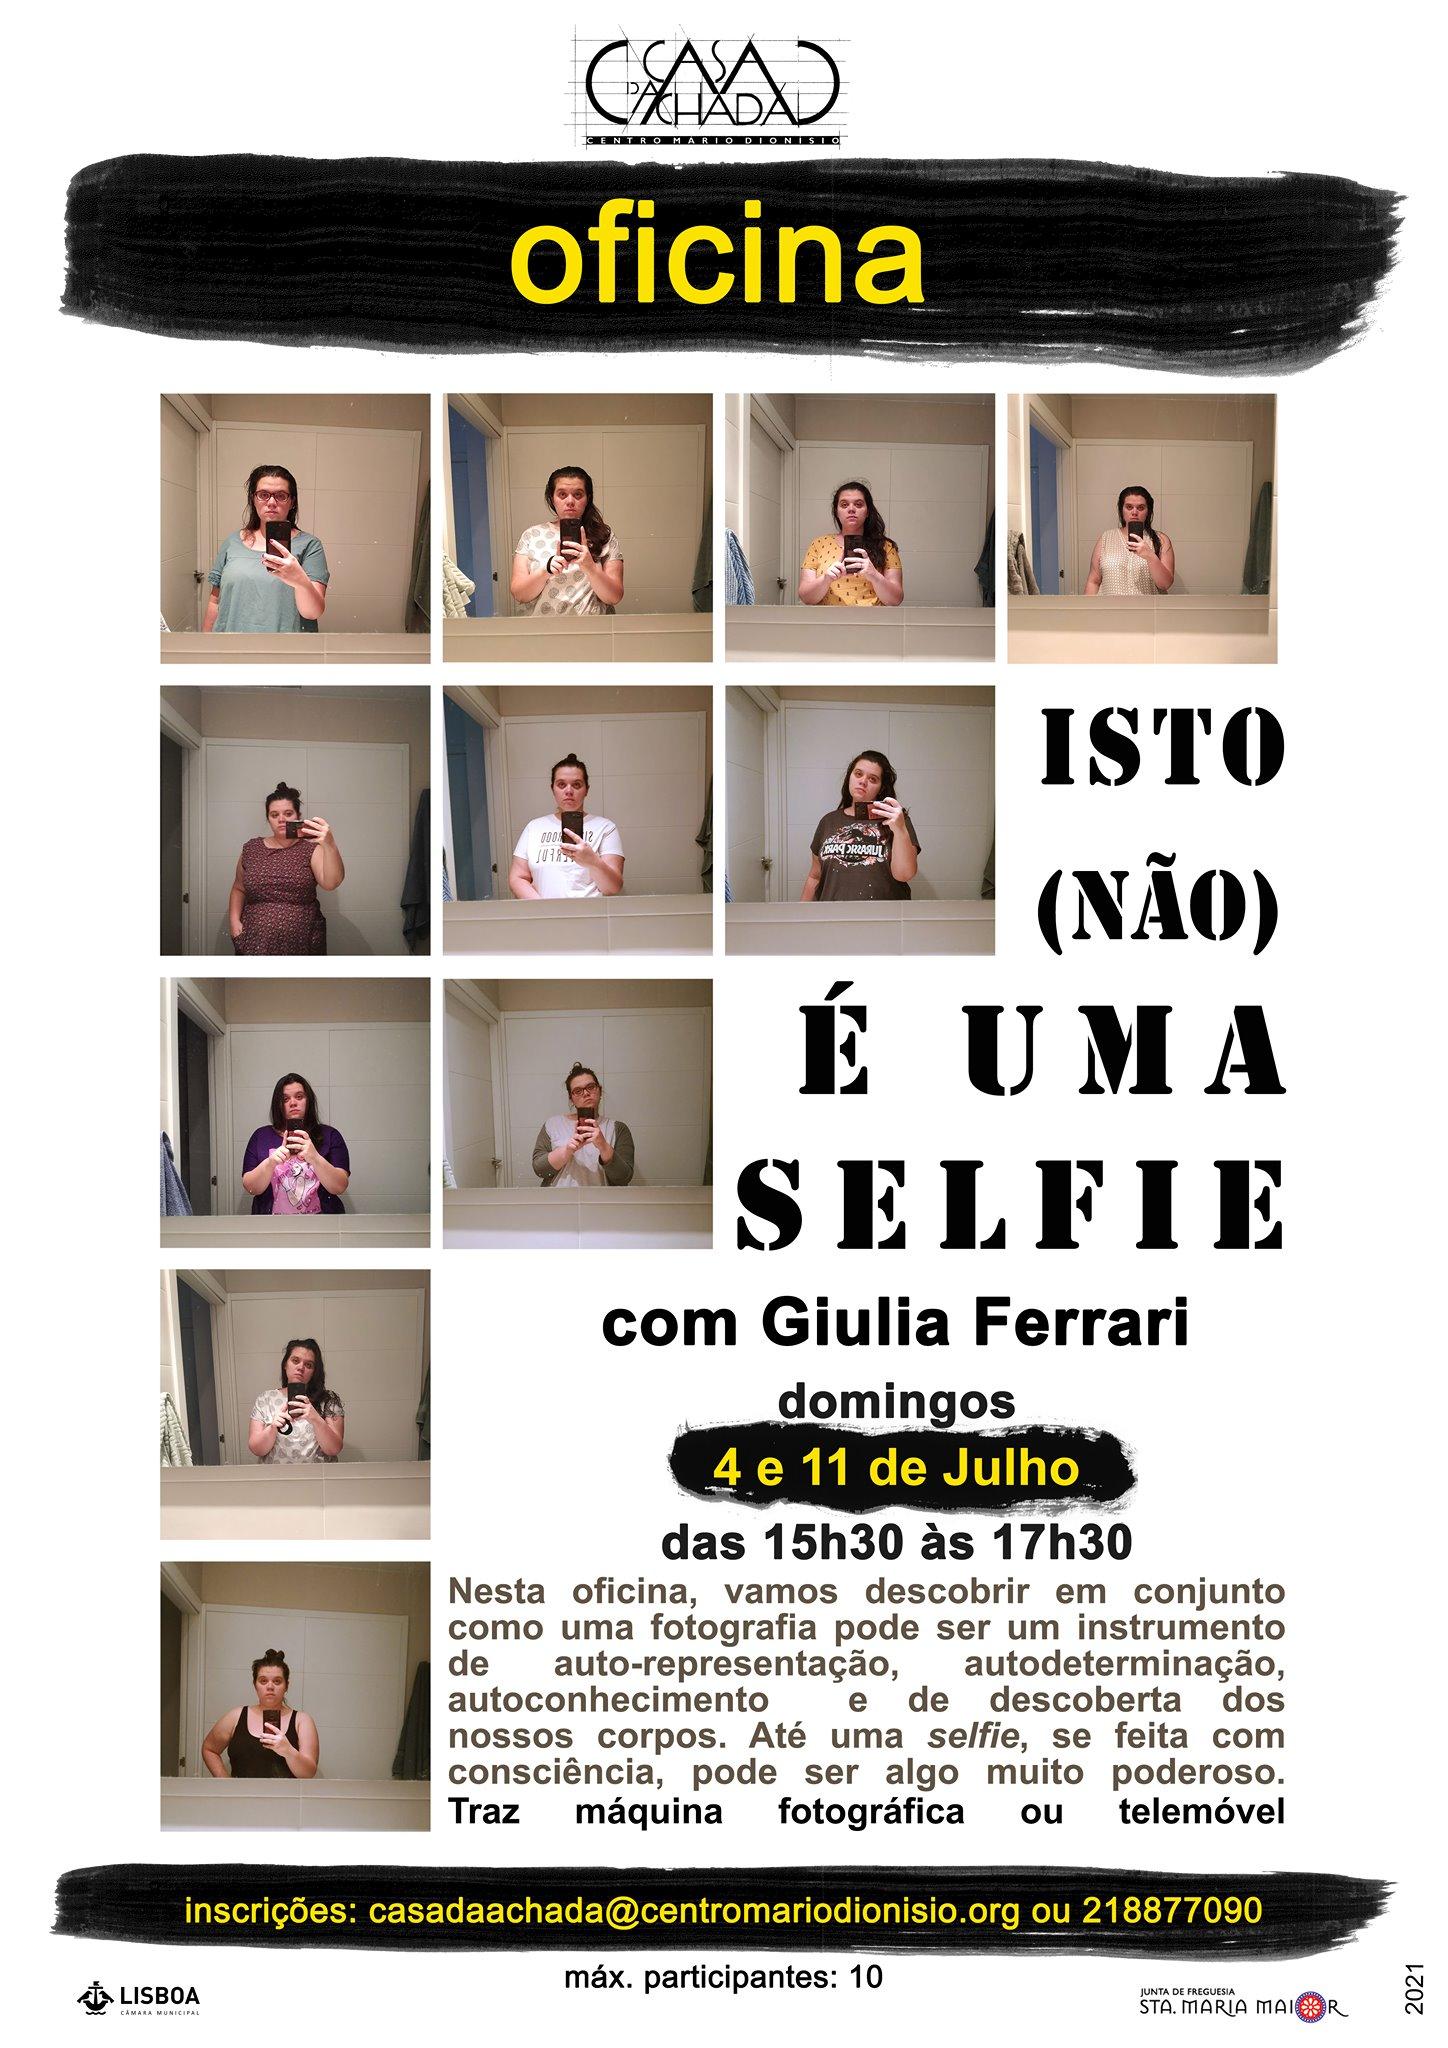 Oficina de fotografia: Isto (não) é uma selfie